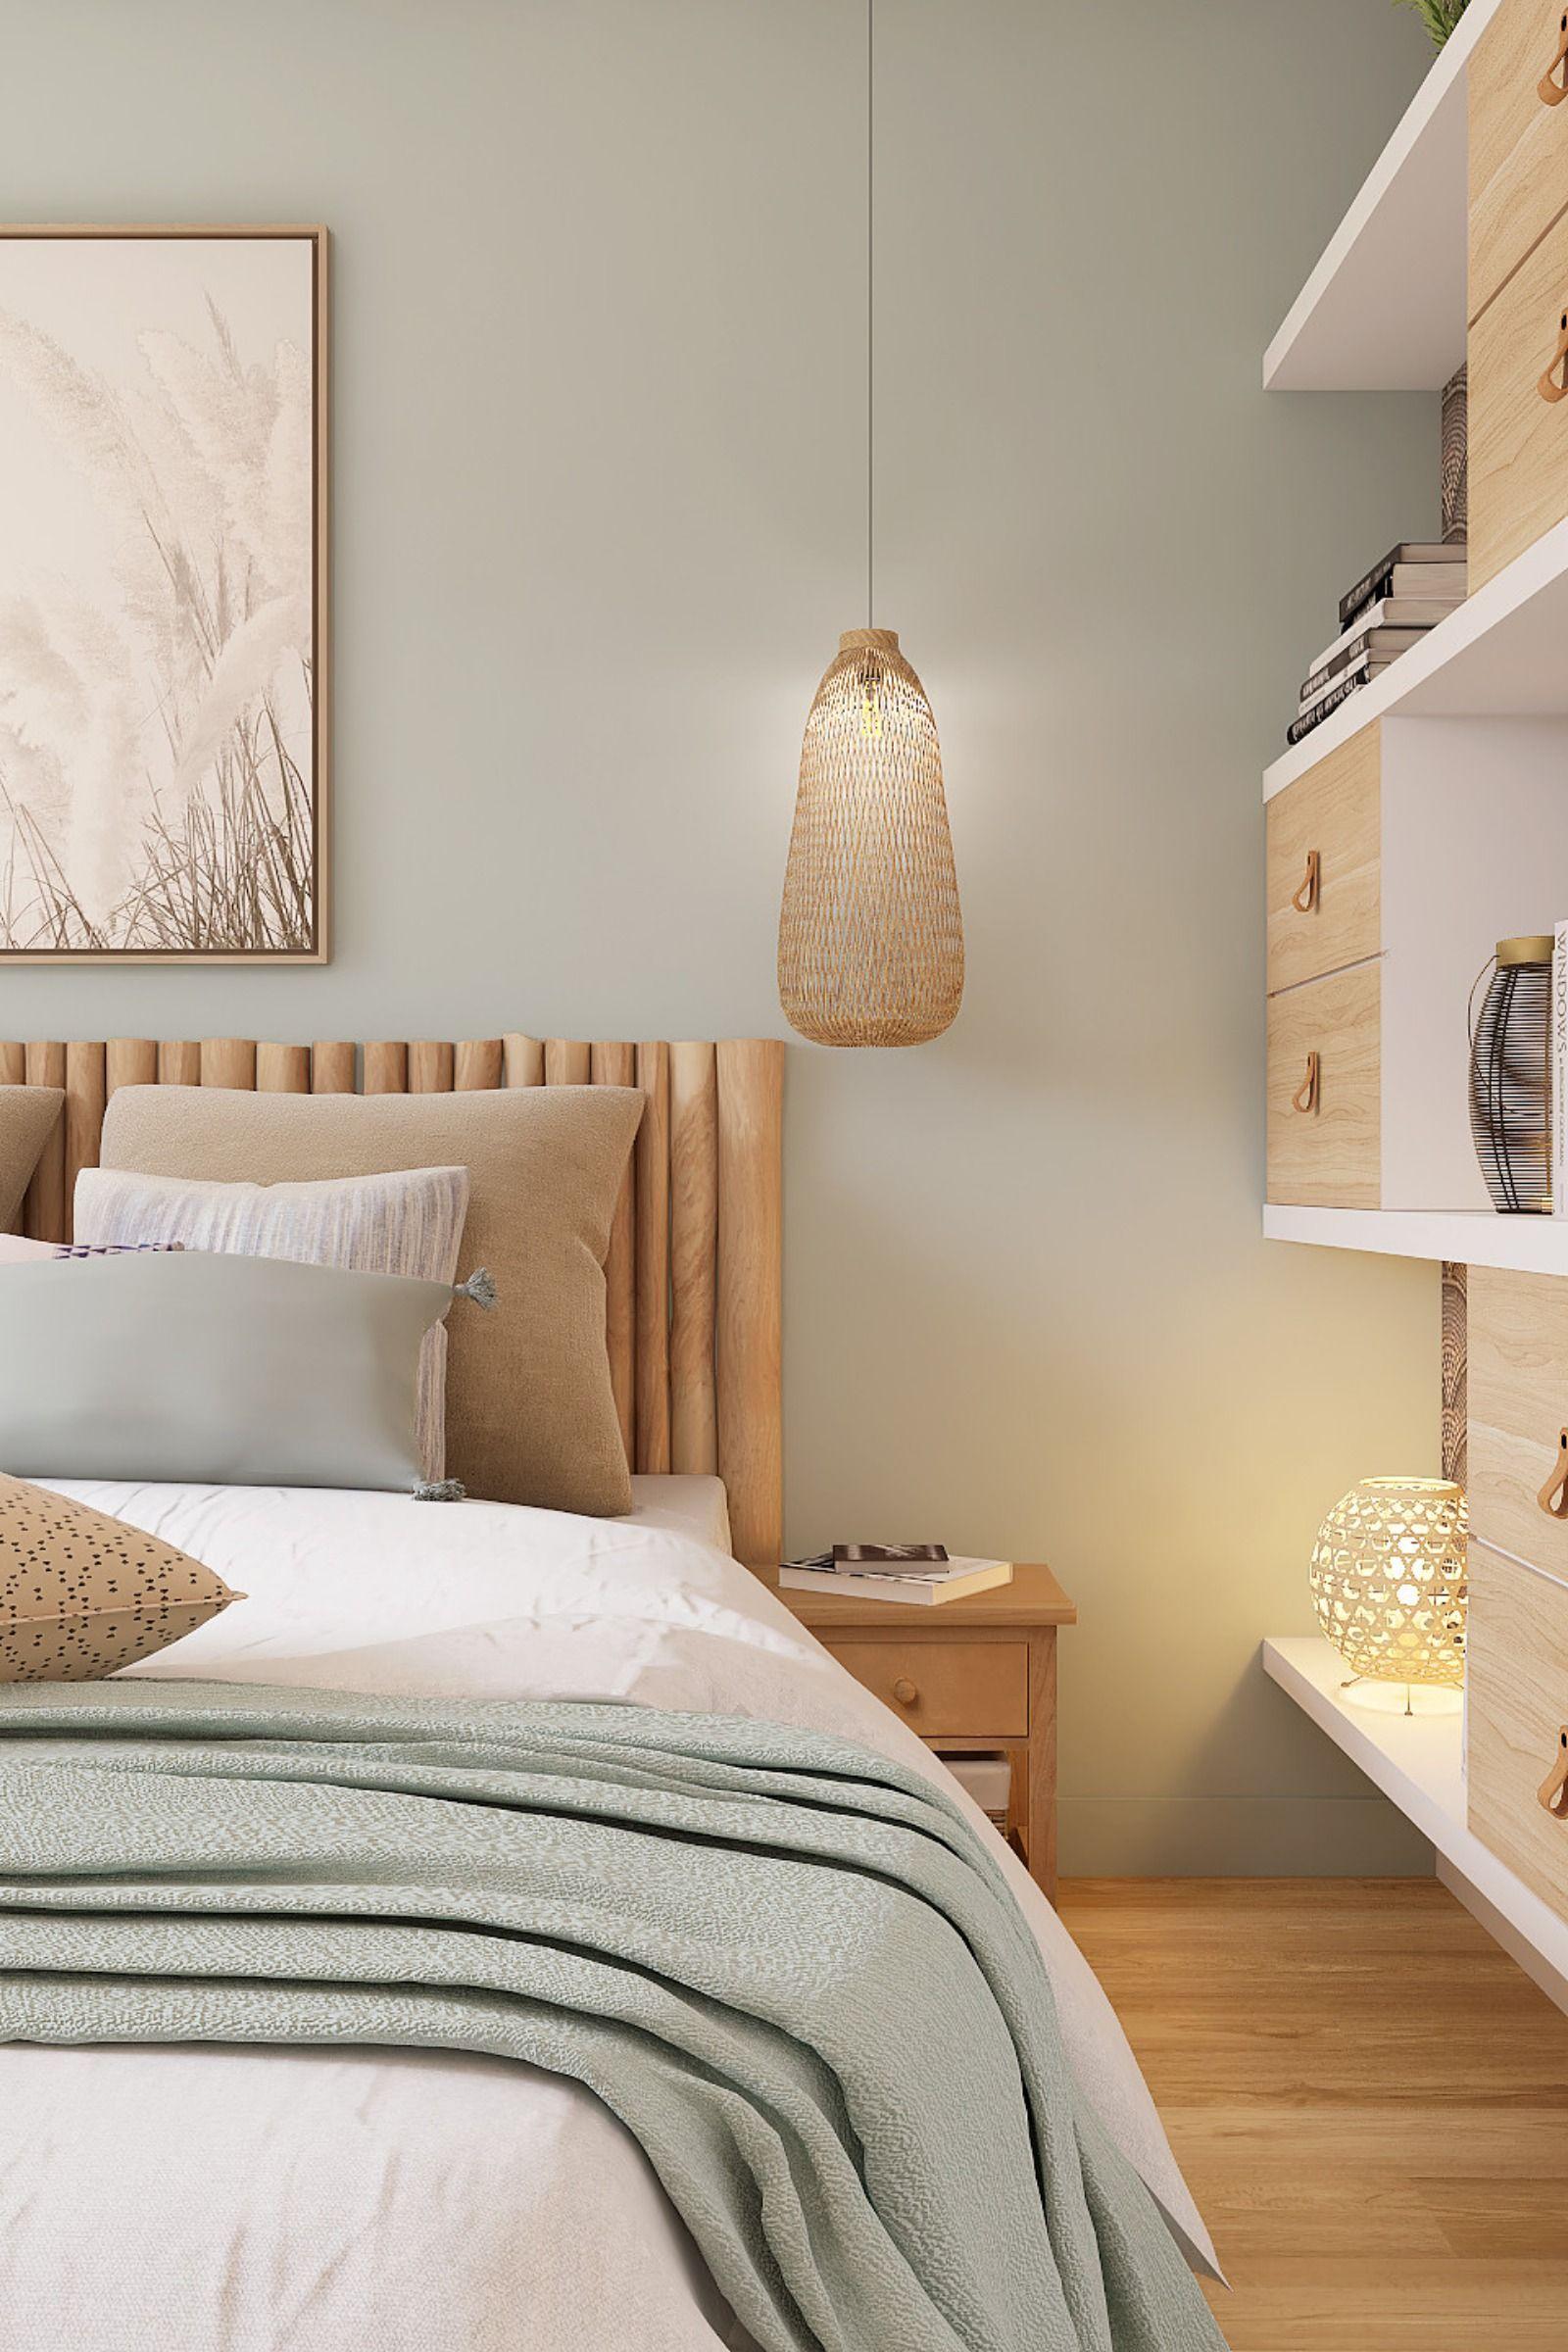 Chambre Style Bord De Mer Chambreparentale Avec Images